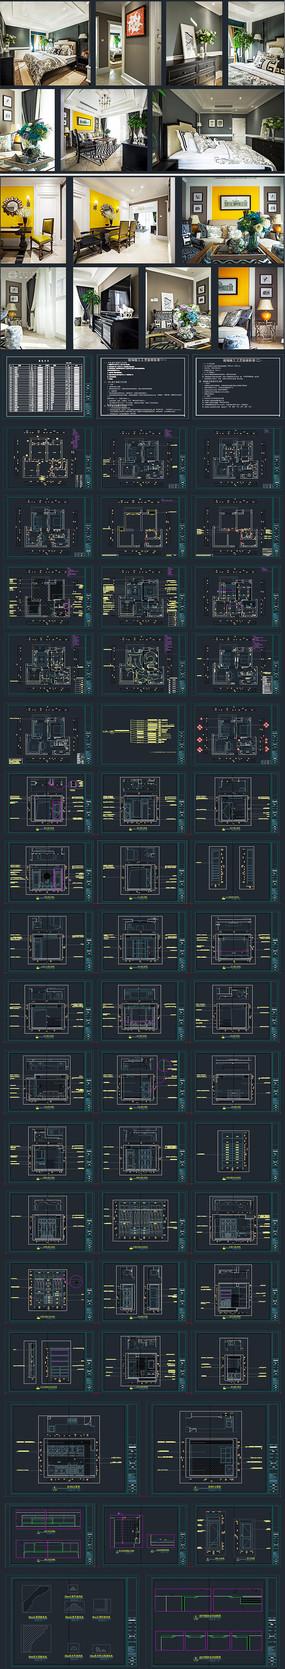 精美装修施工图CAD素材 dwg